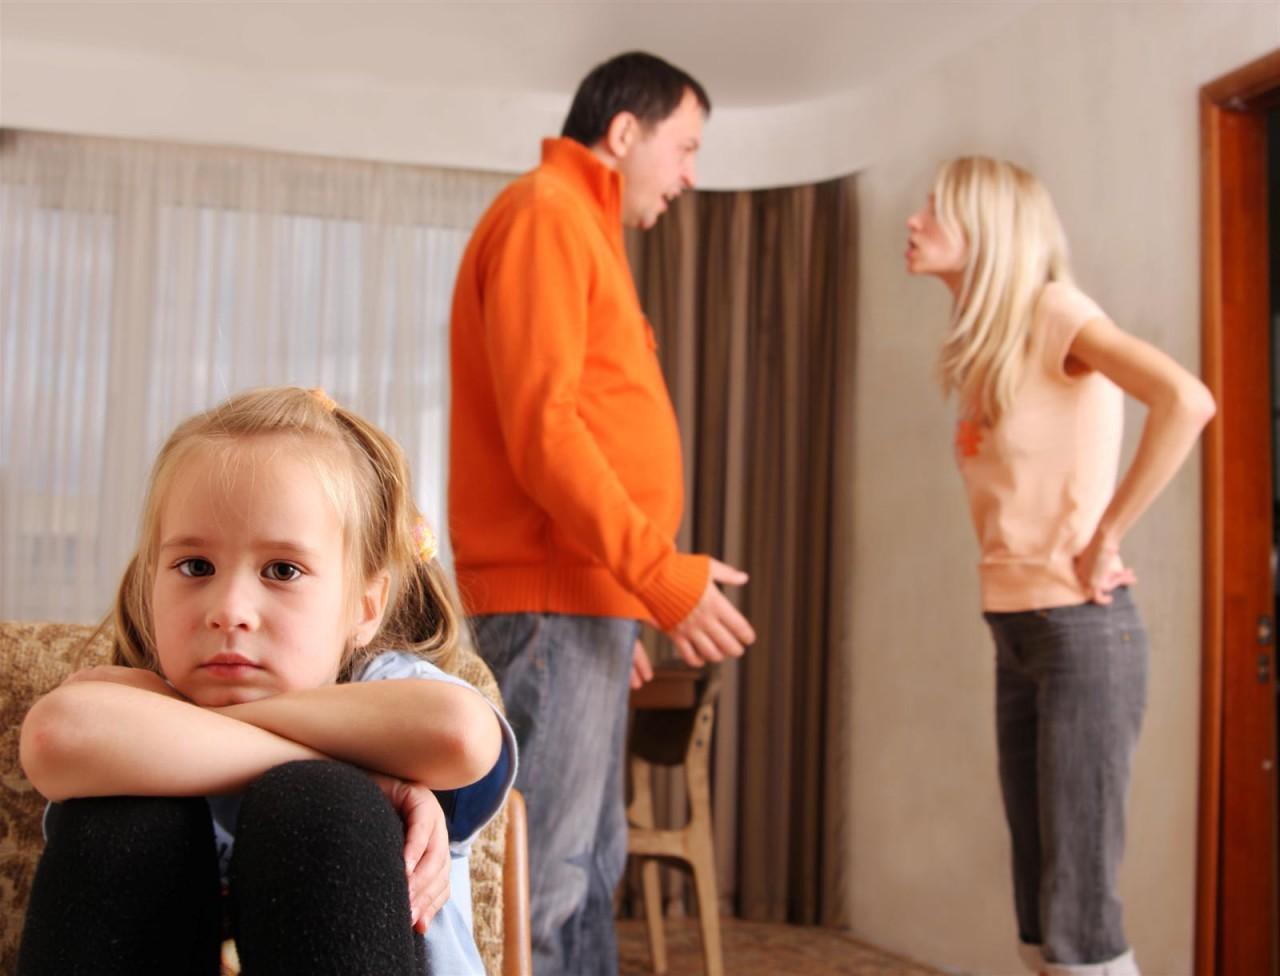 Можно ли при детях осуждать негативные поступки родственников?